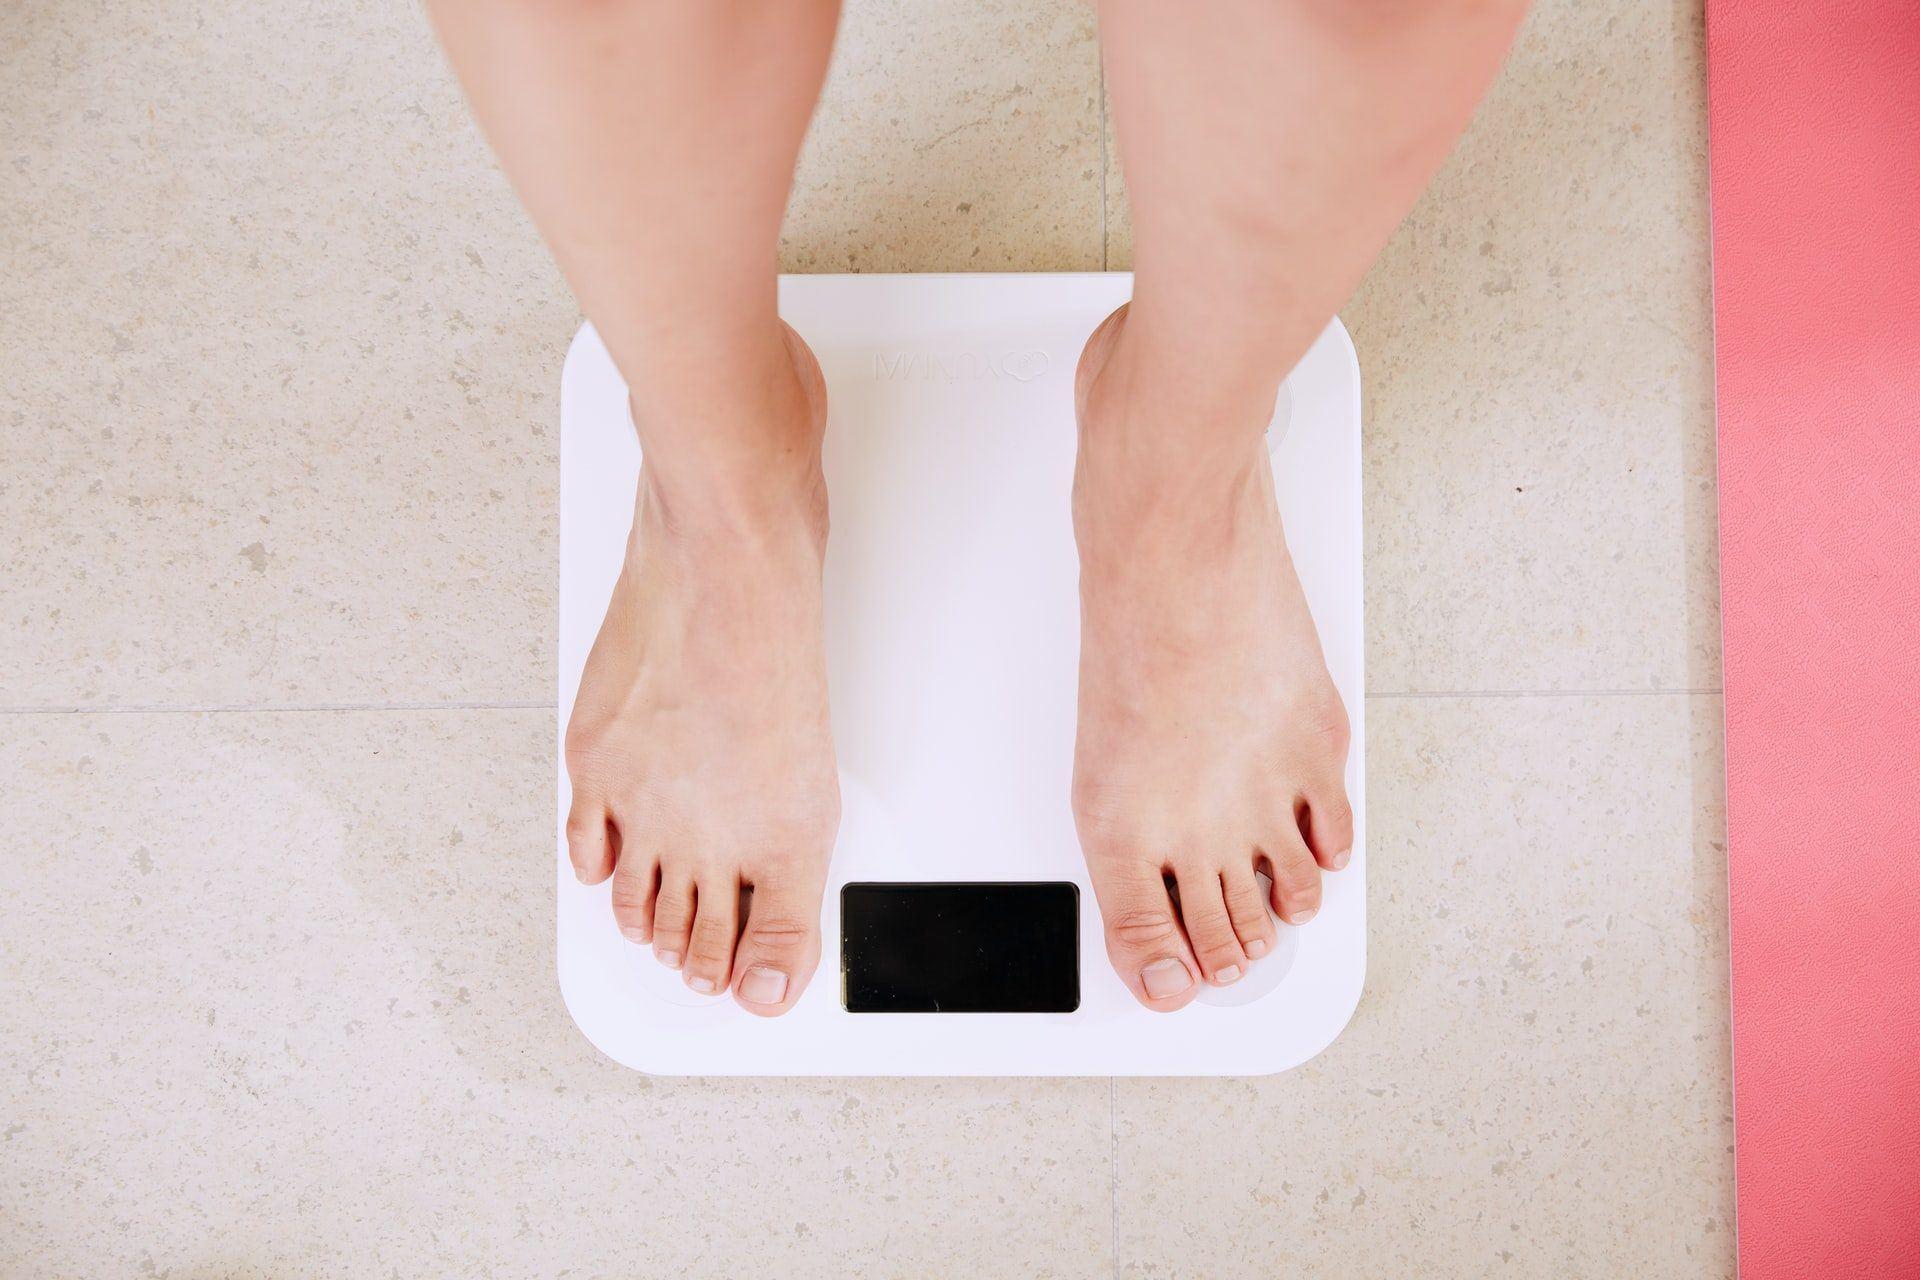 weight |